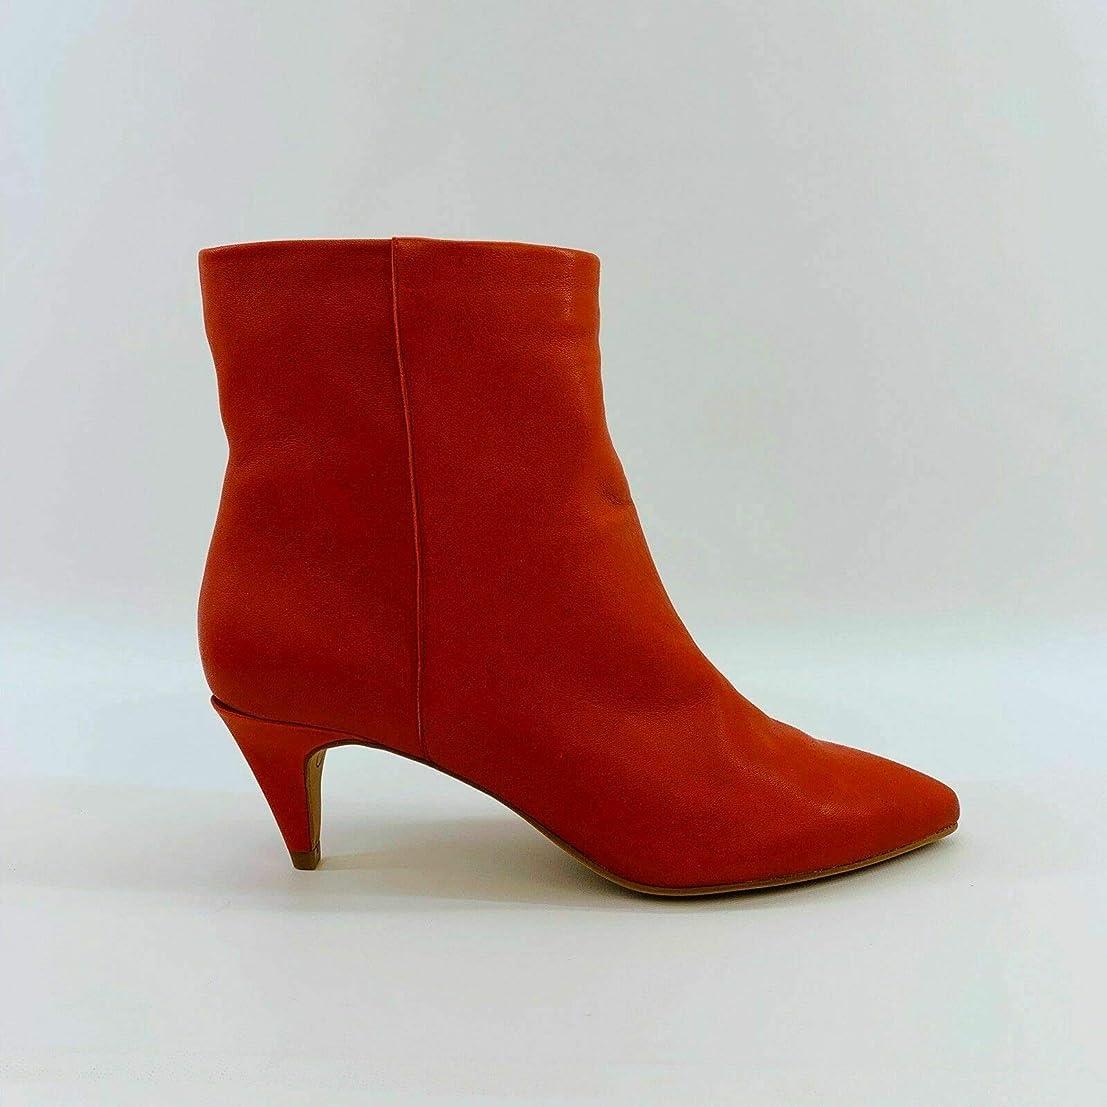 バレエ密刺します[Dolce Vita] Womens dee Pointed Toe Ankle Fashion Boots [並行輸入品]